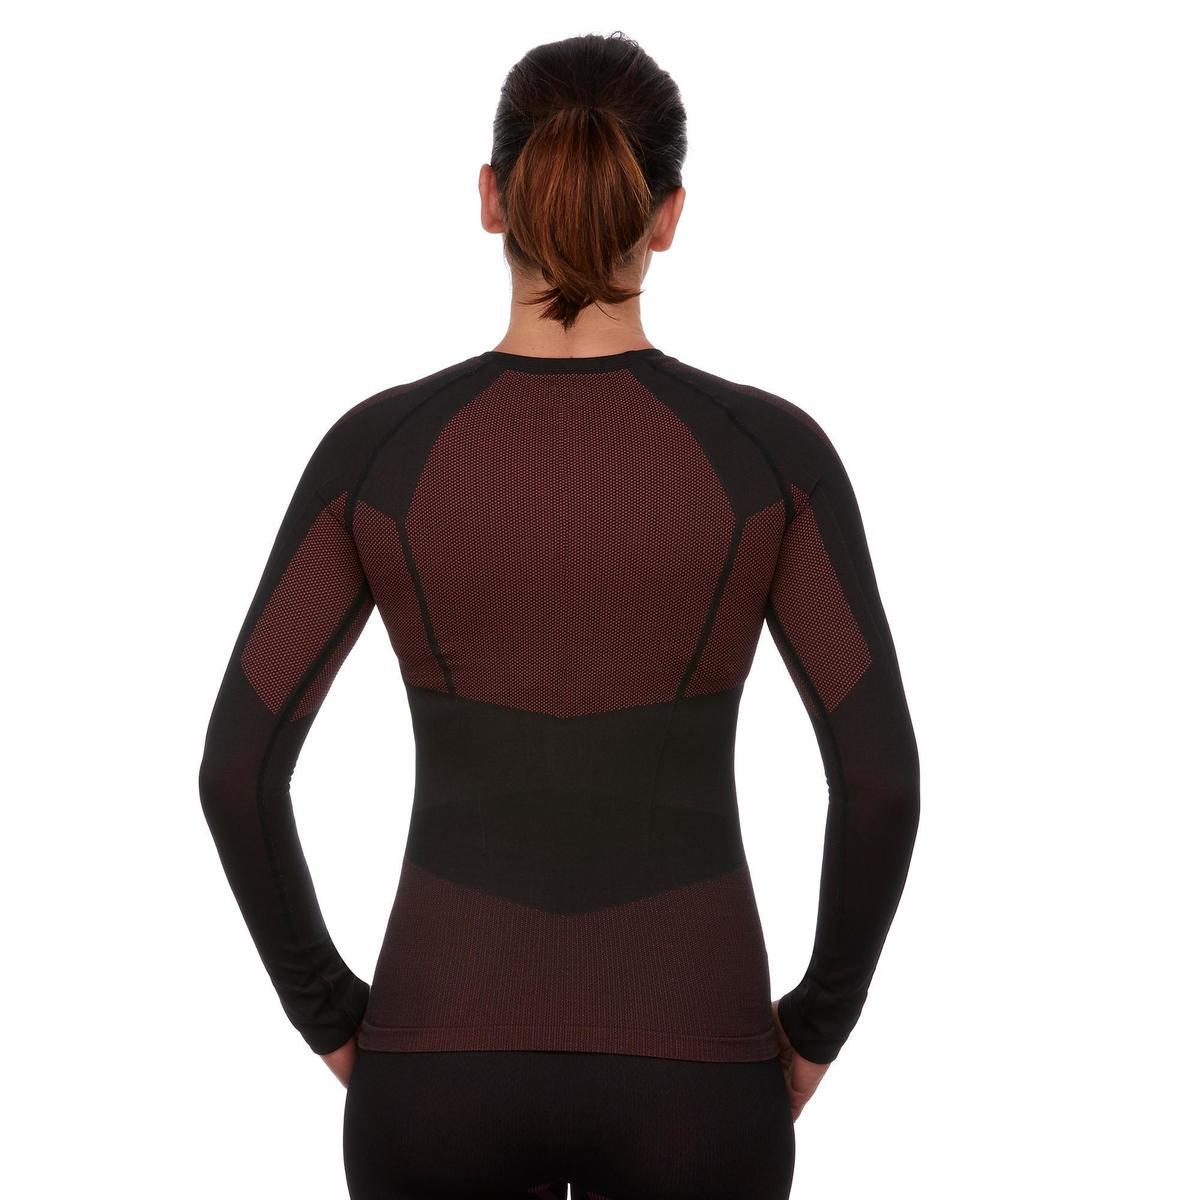 Bild 5 von Skiunterwäsche Funktionsshirt 900 Damen schwarz rosa